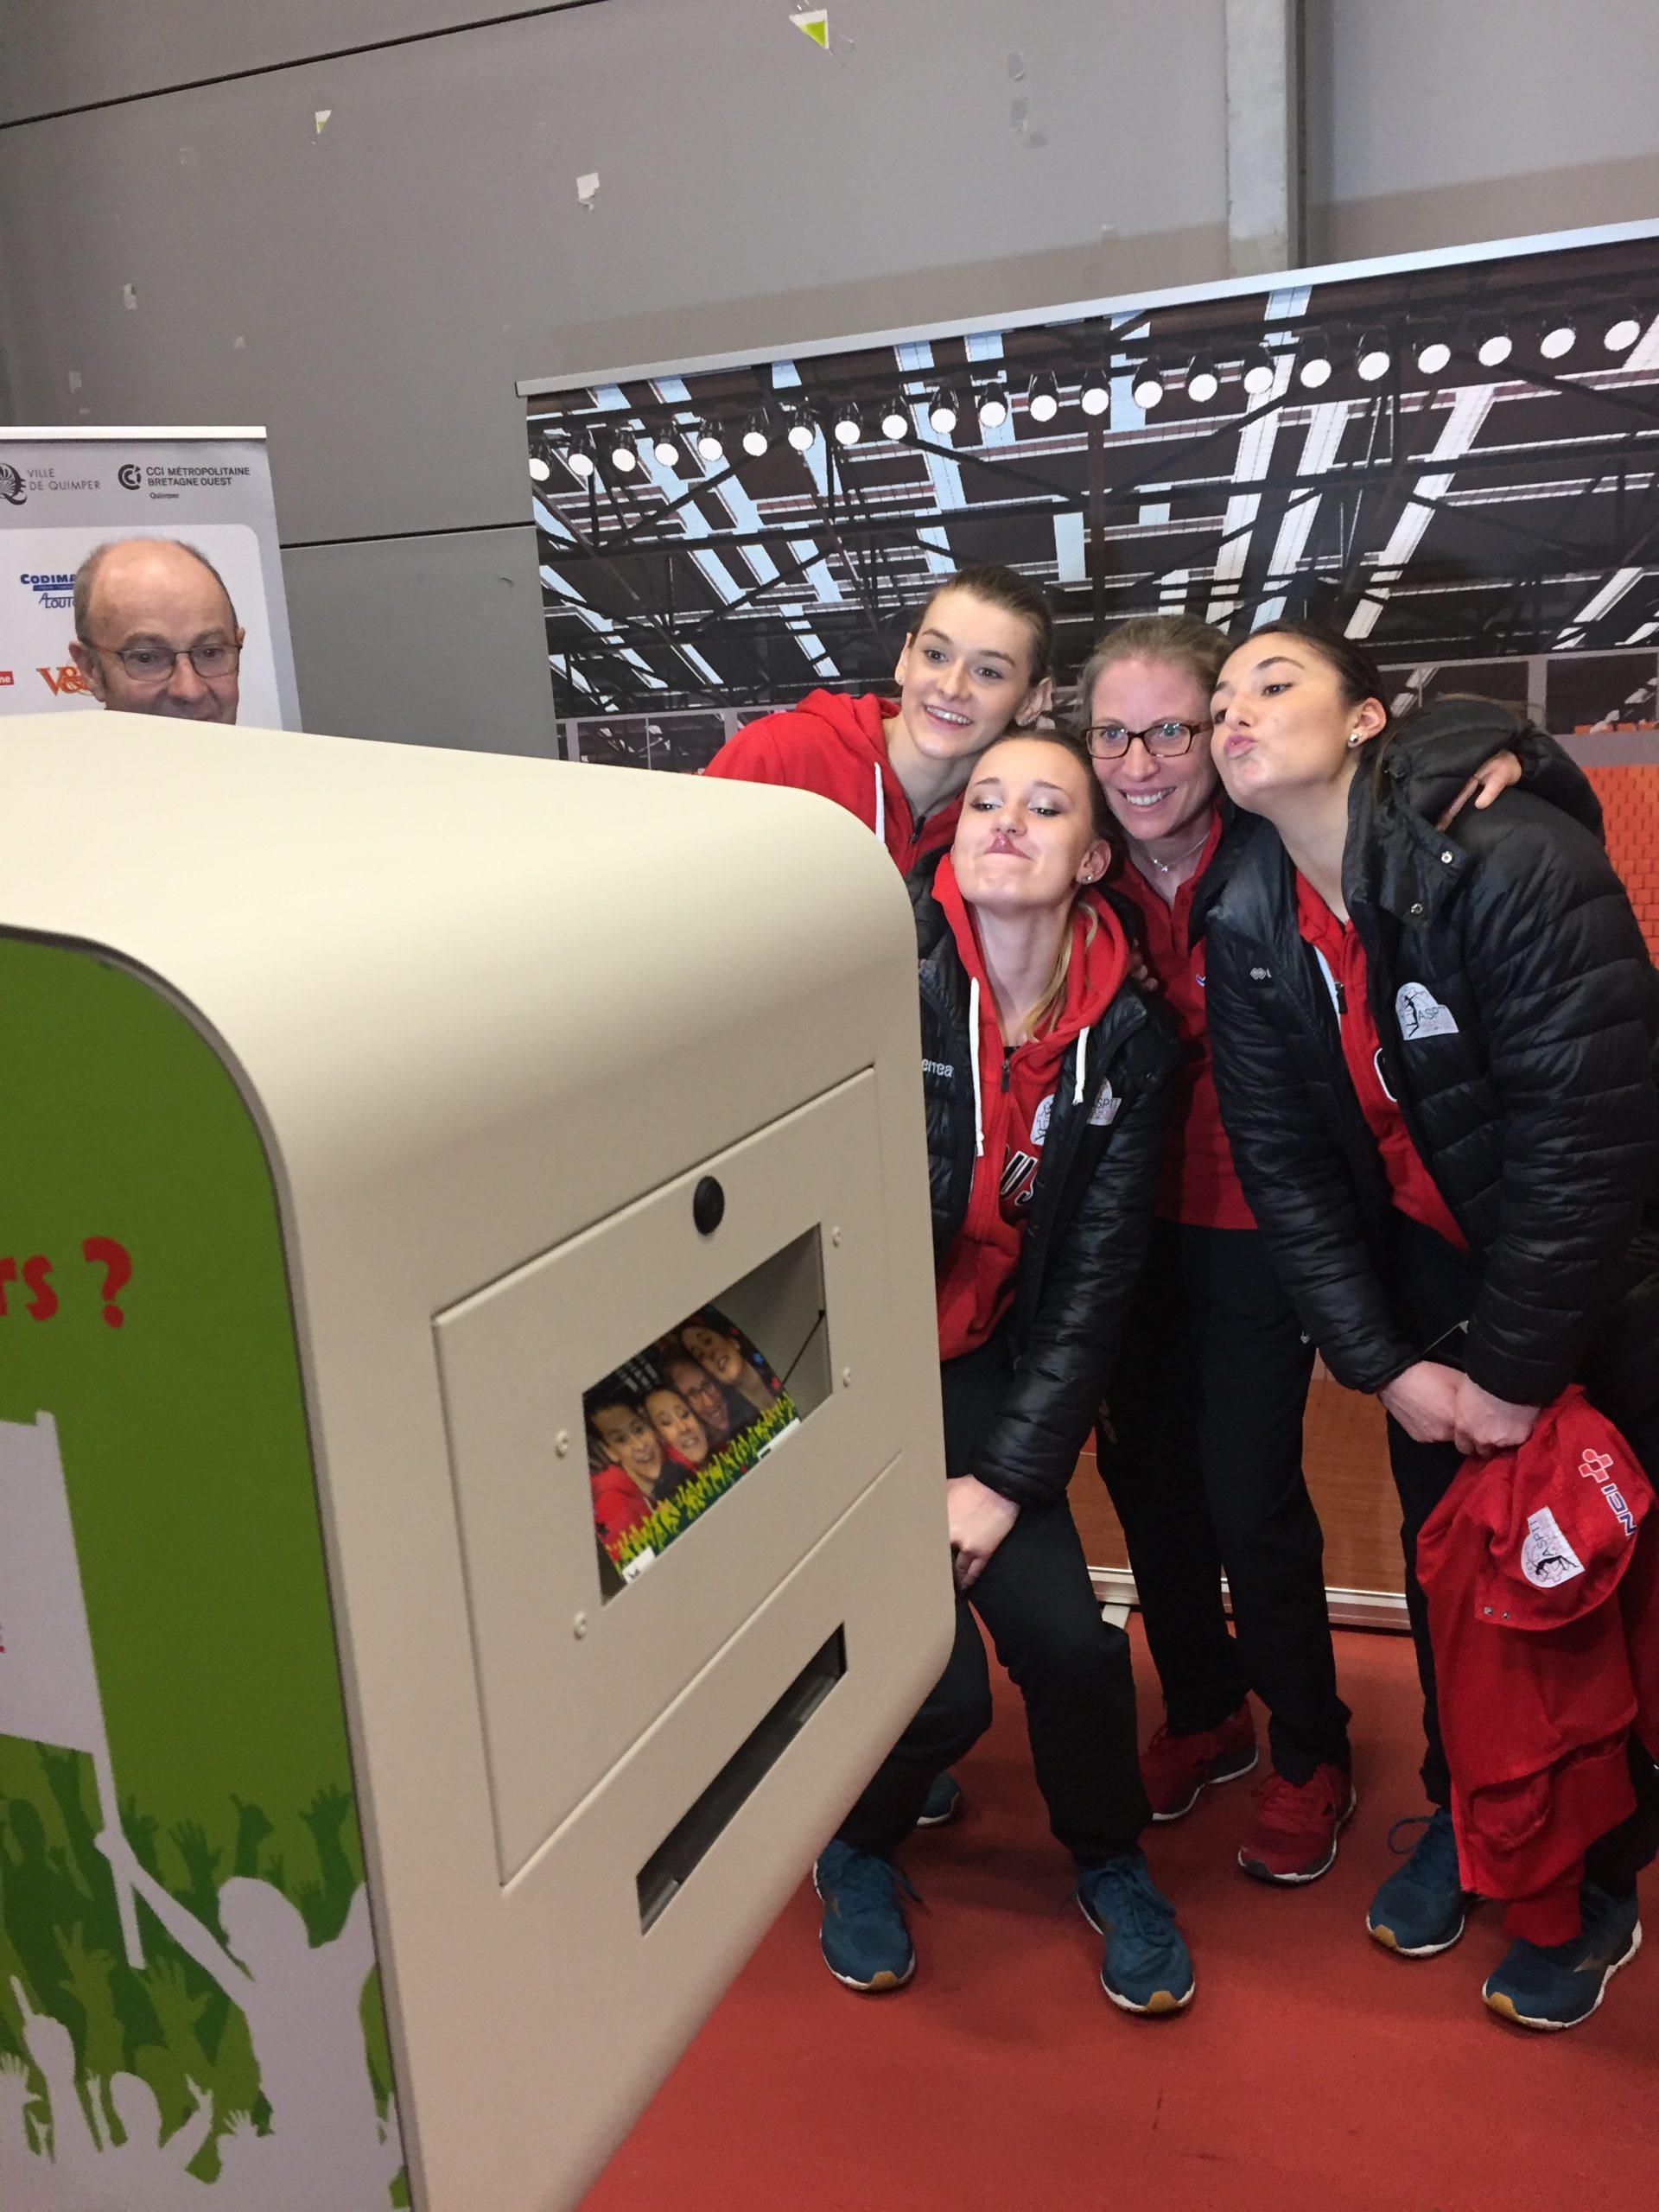 Animation selfie box Groupama pour photos match basket Landerneau près de Brest en 2018